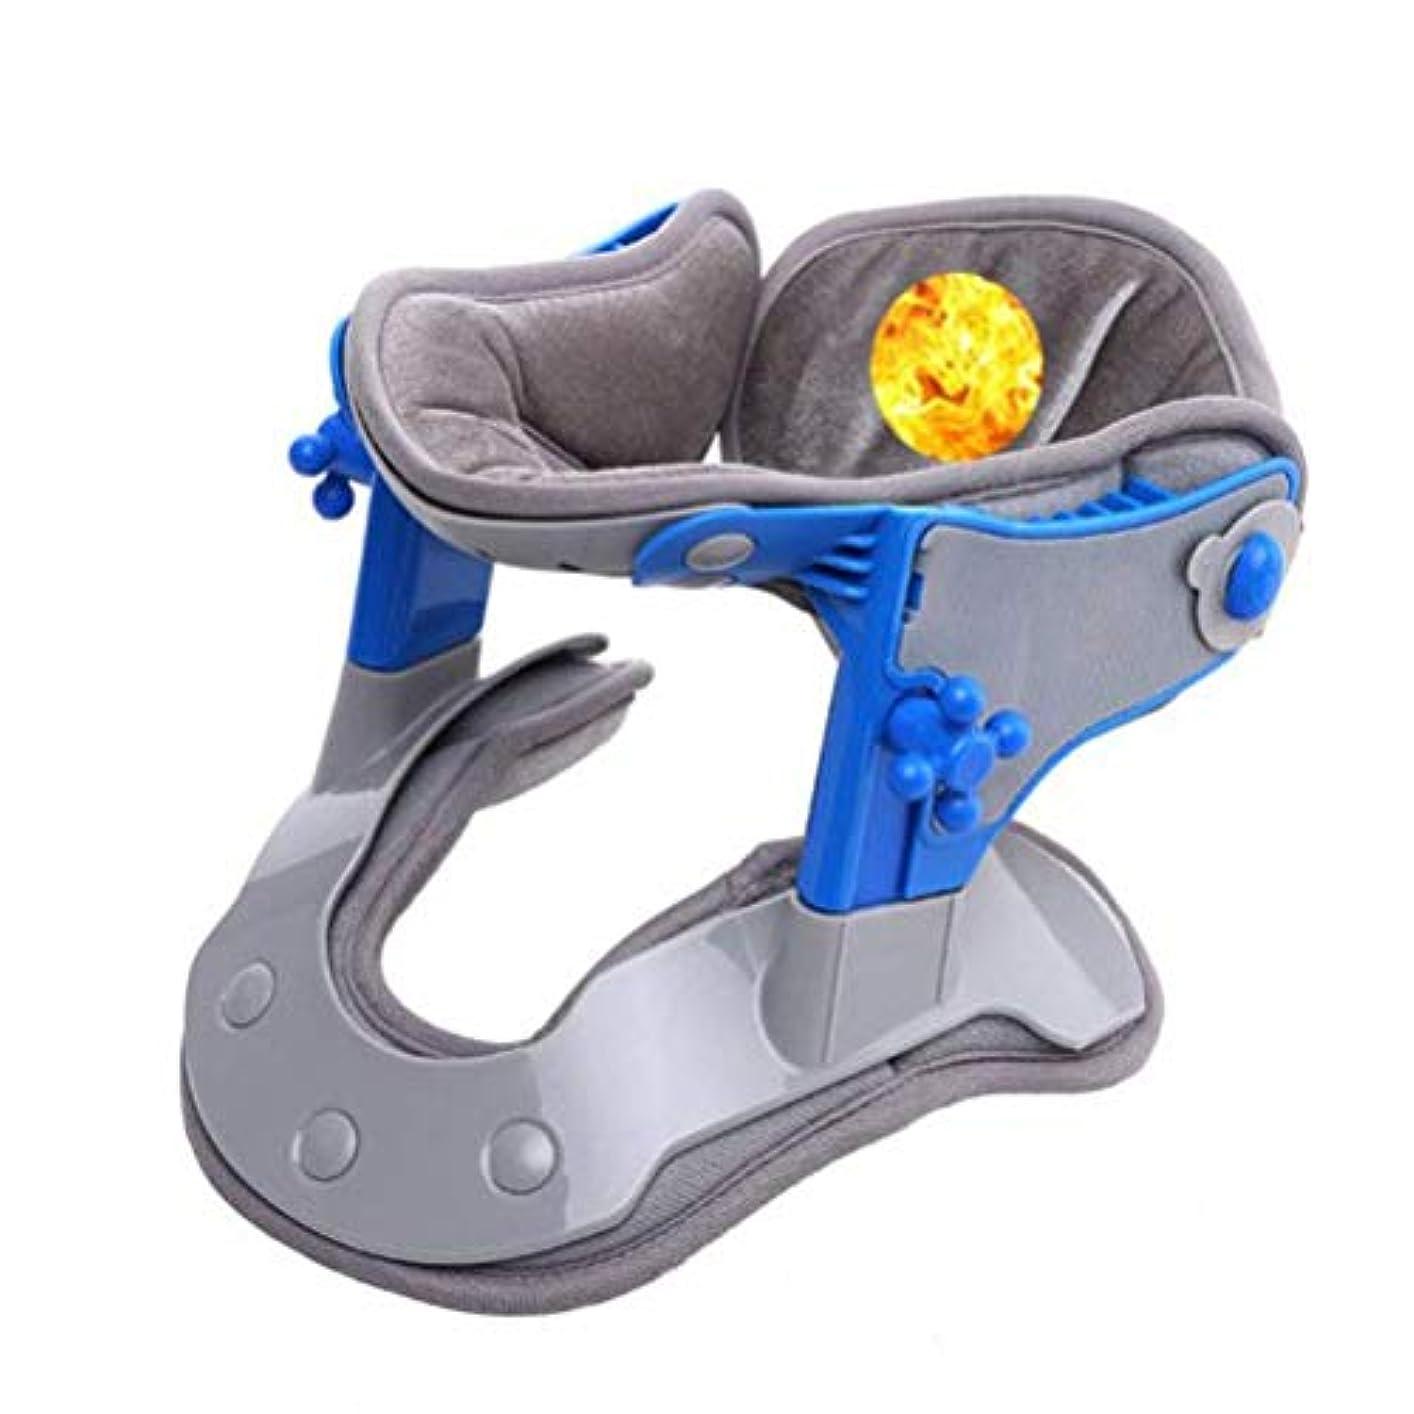 熱い圧縮頚部牽引装置首のMassgerの調節可能な普遍的な頚部つば